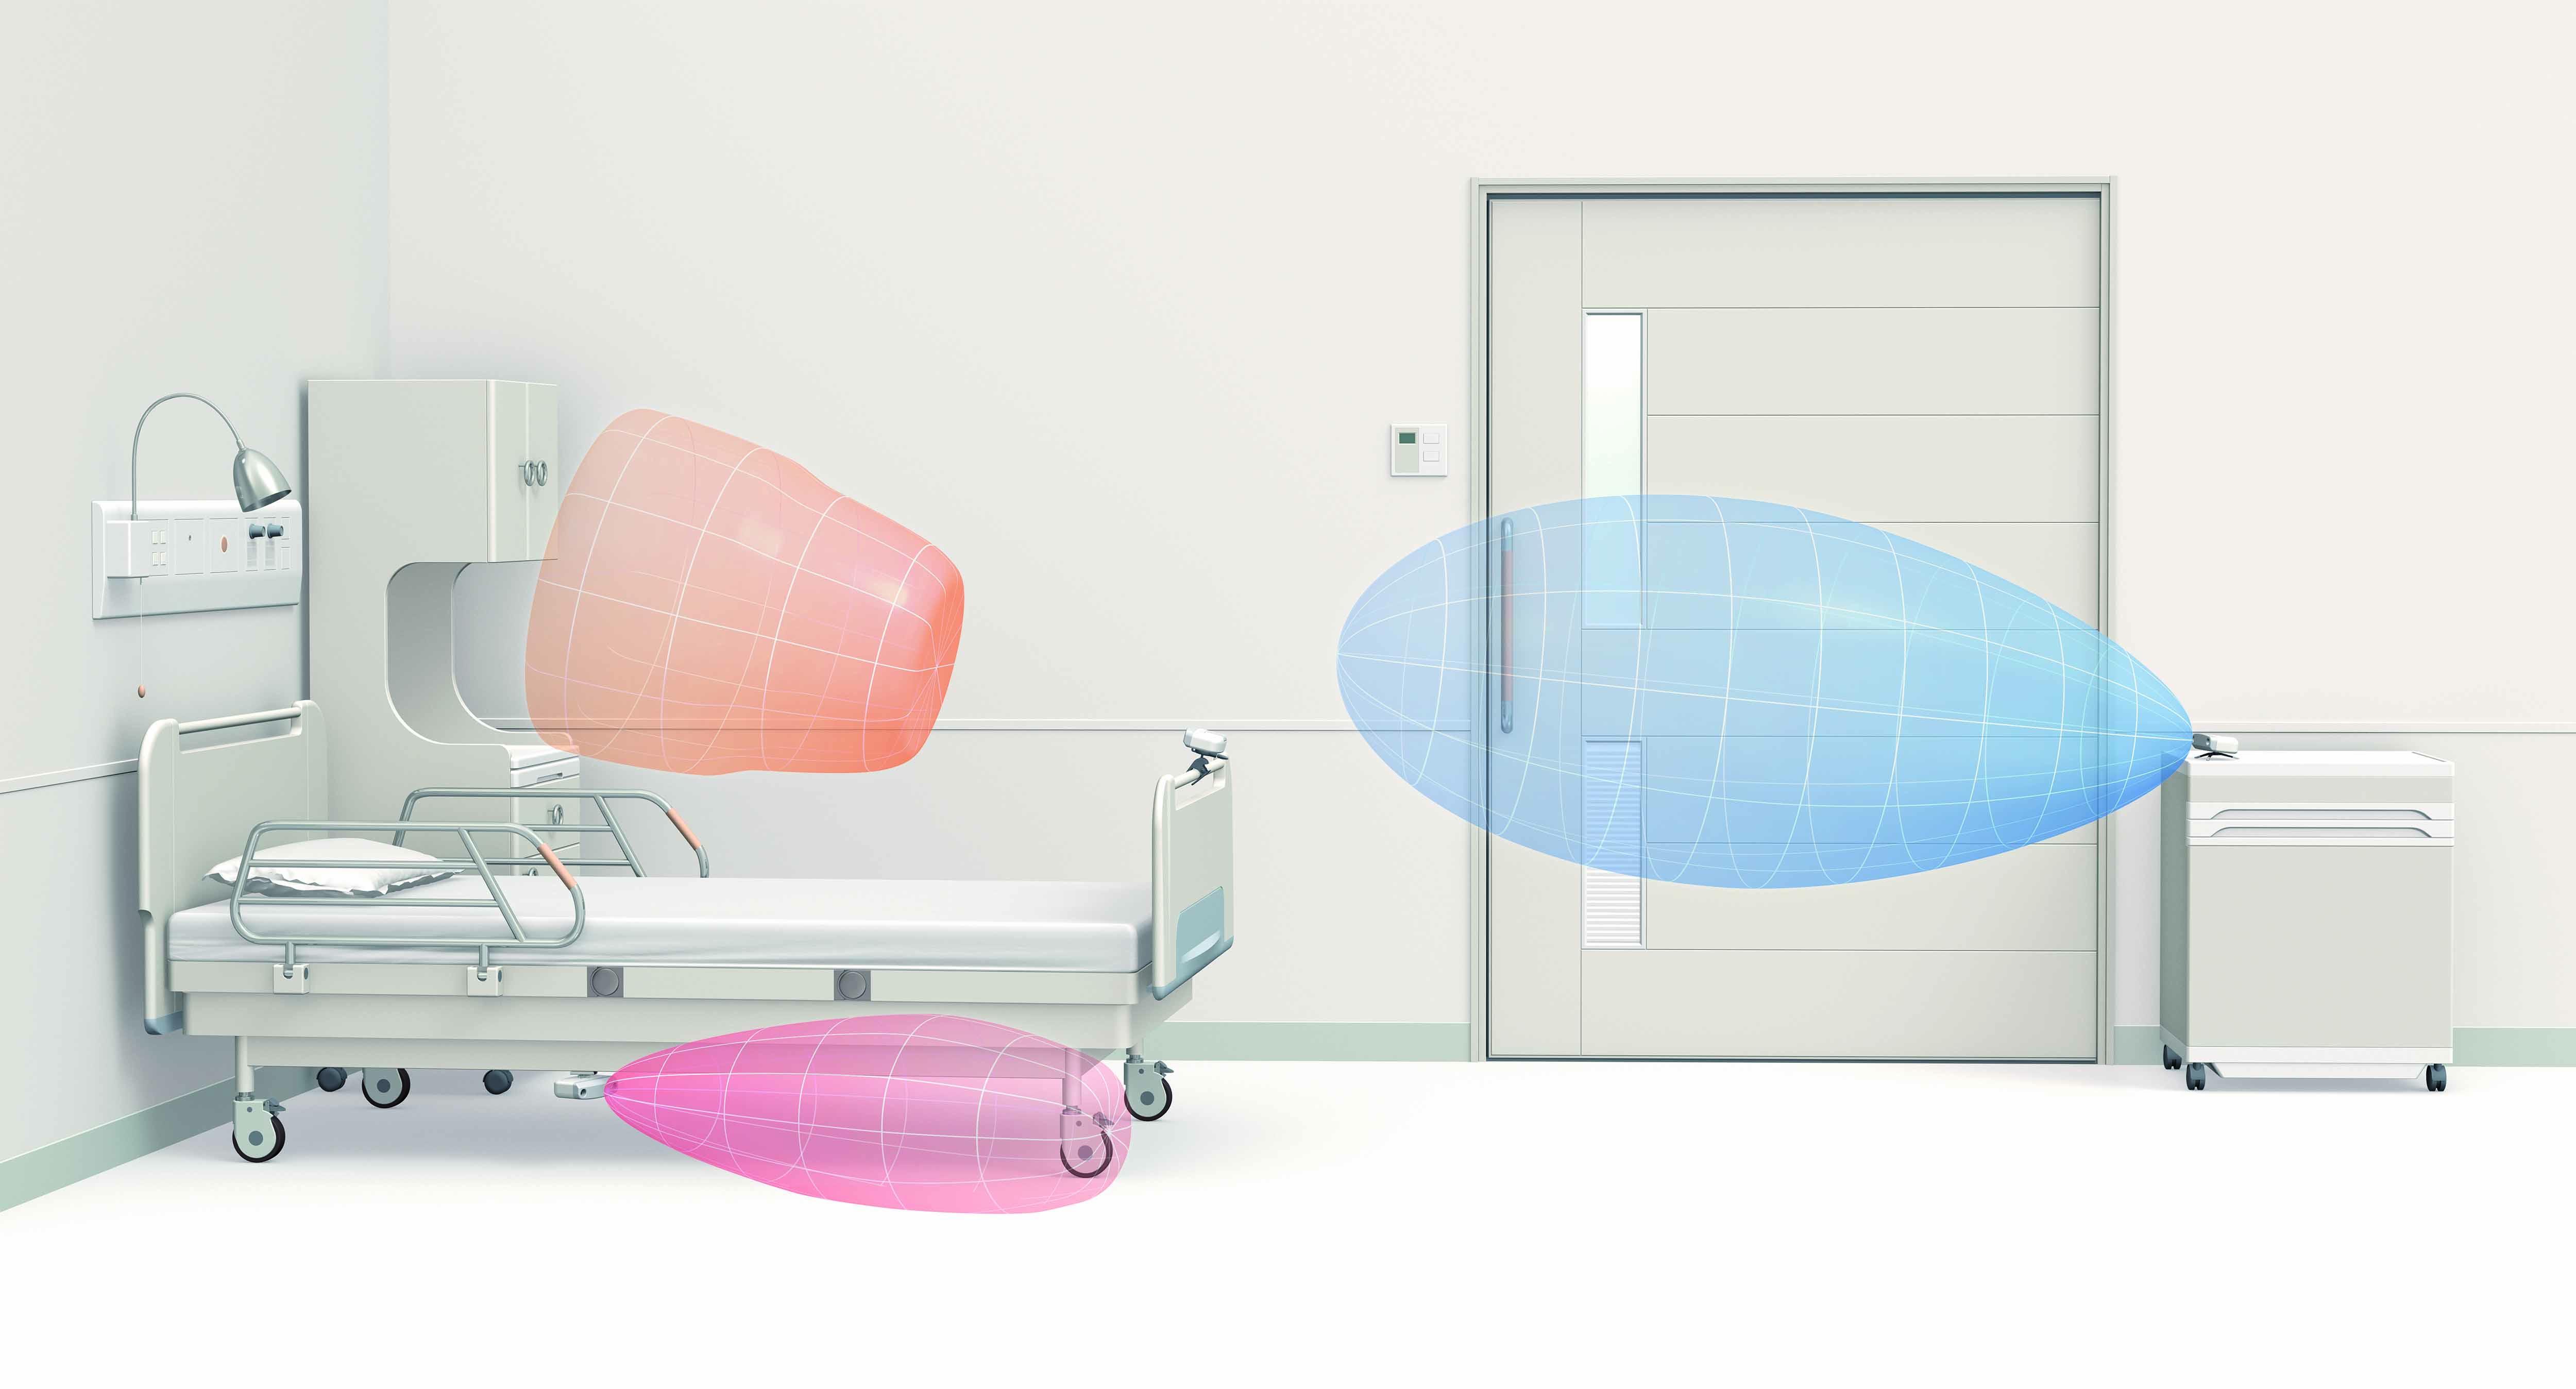 玄関や非常口の見守りに使えます。超音波&ふむふむセンサー。